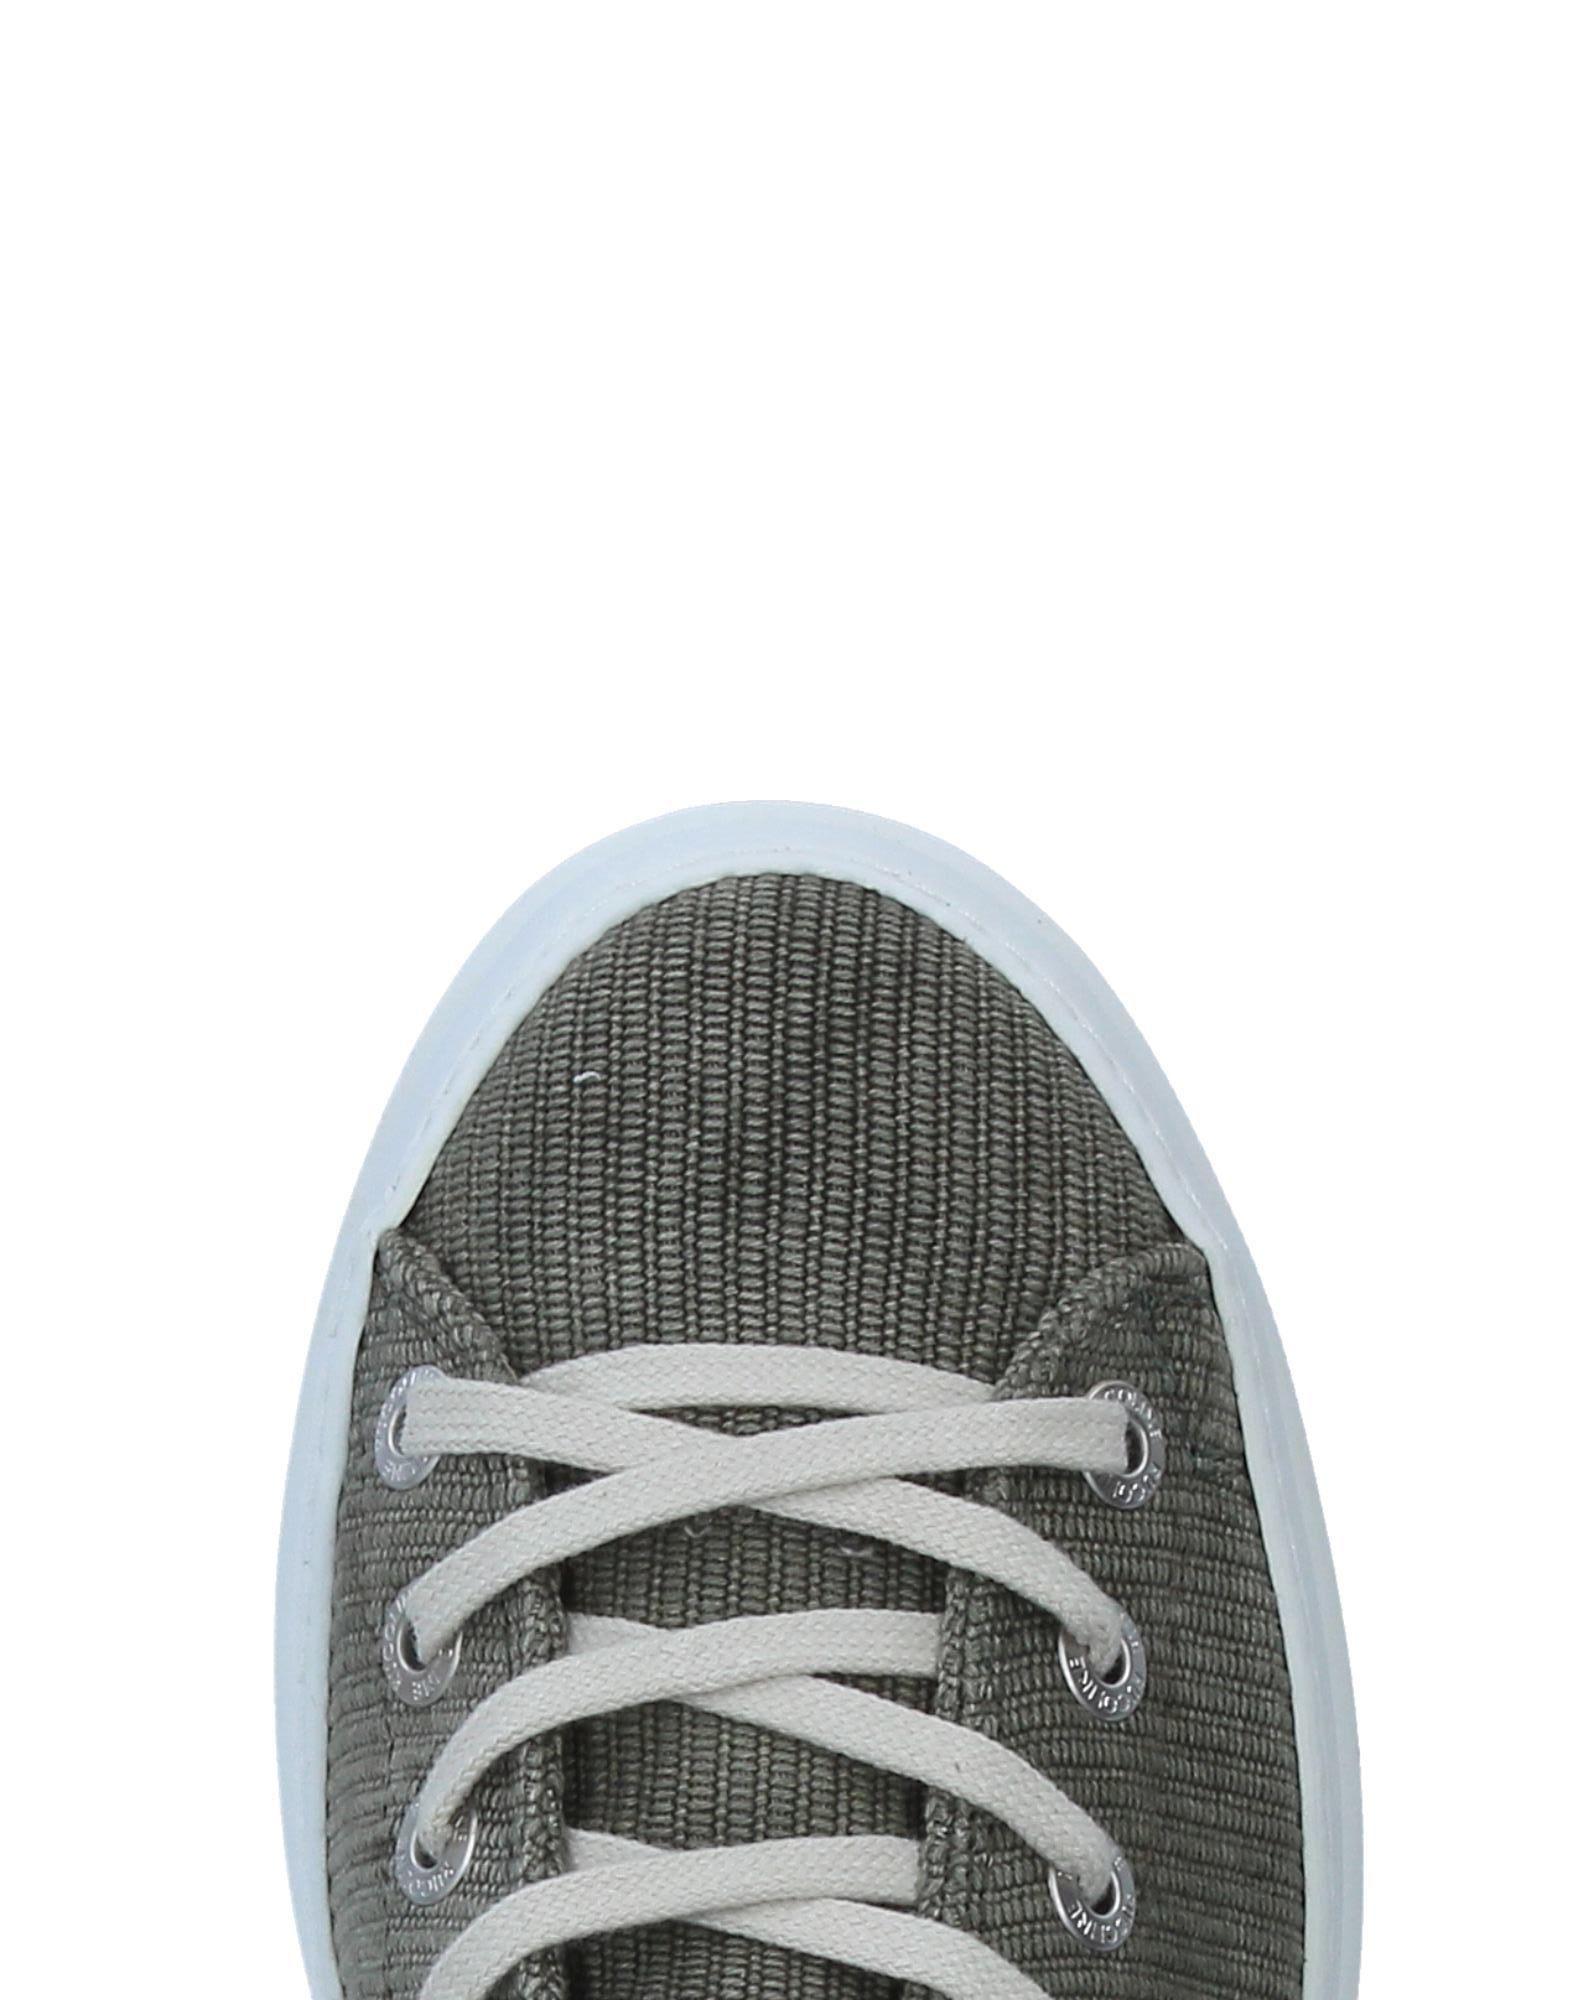 Klassischer Stil-28035,Ruco Line Sneakers Damen sich Gutes Preis-Leistungs-Verhältnis, es lohnt sich Damen 225164